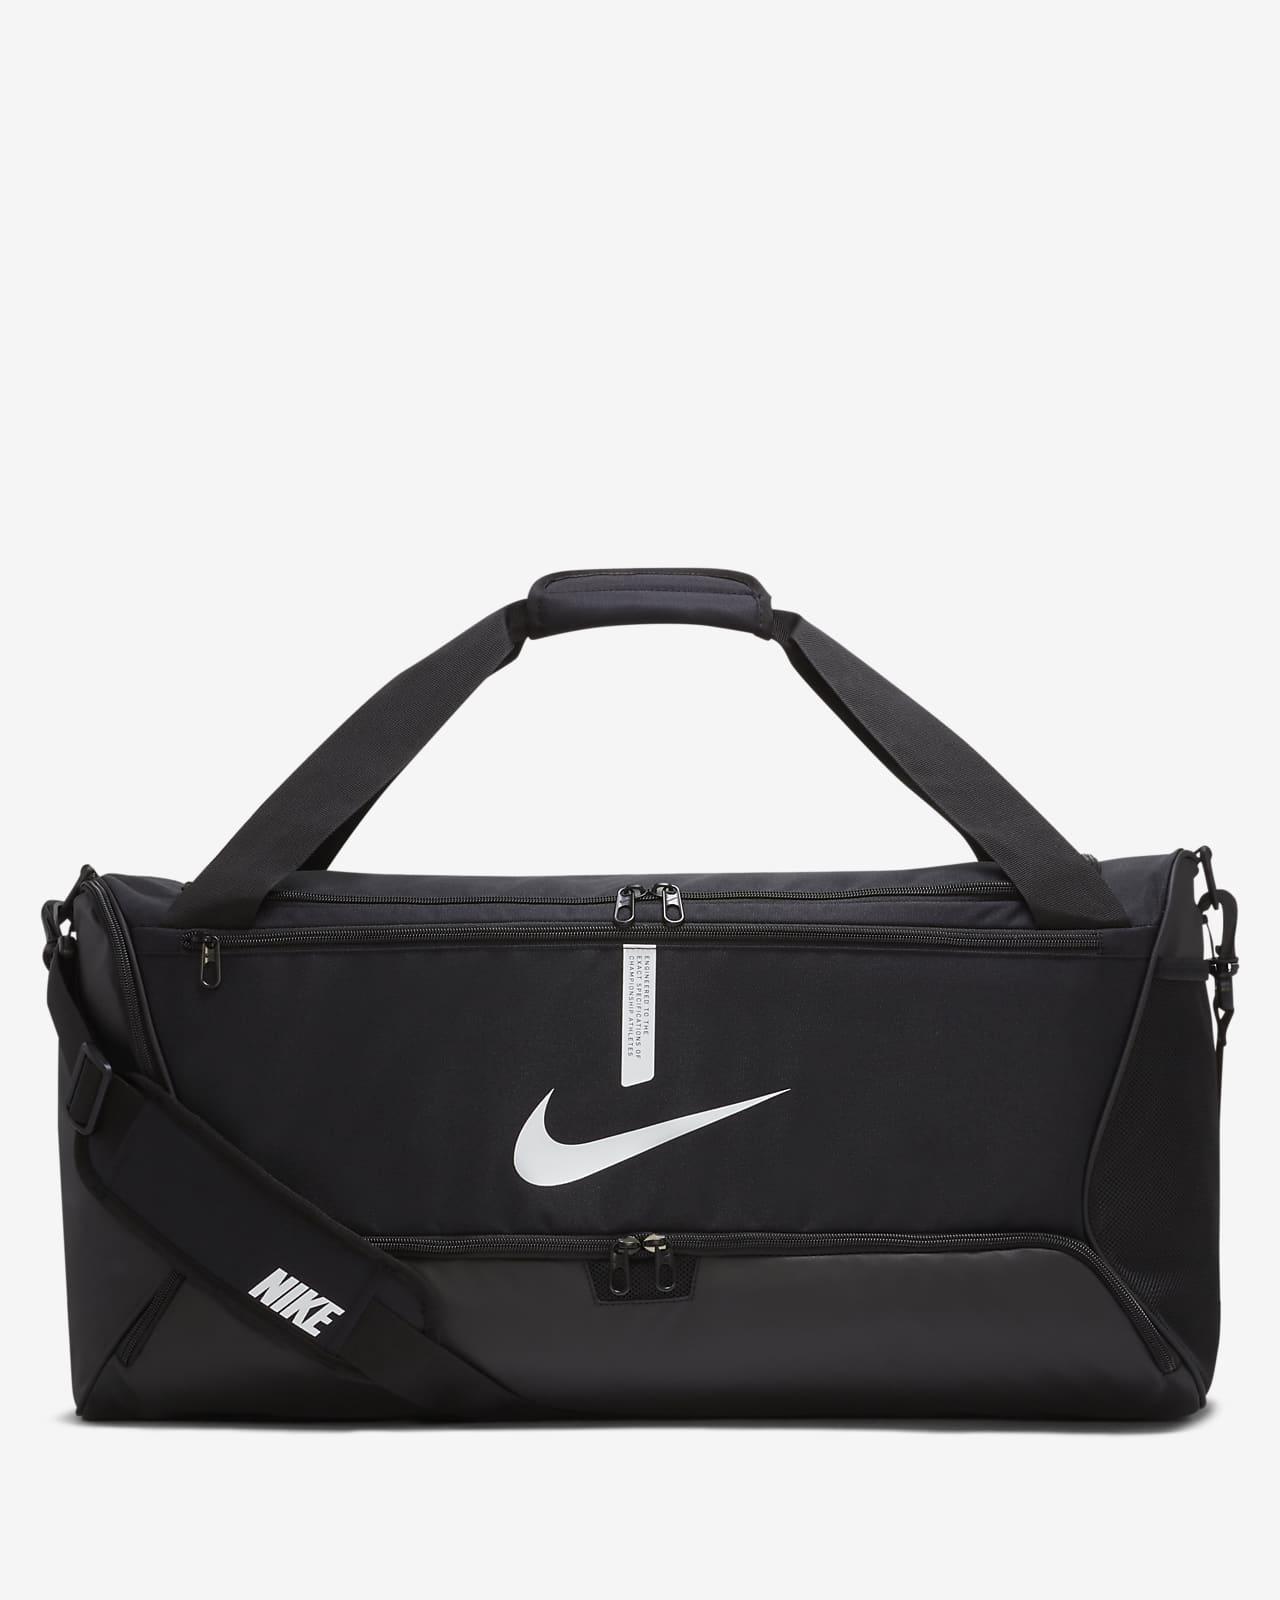 Nike Academy Team Soccer Duffel Bag (Medium)